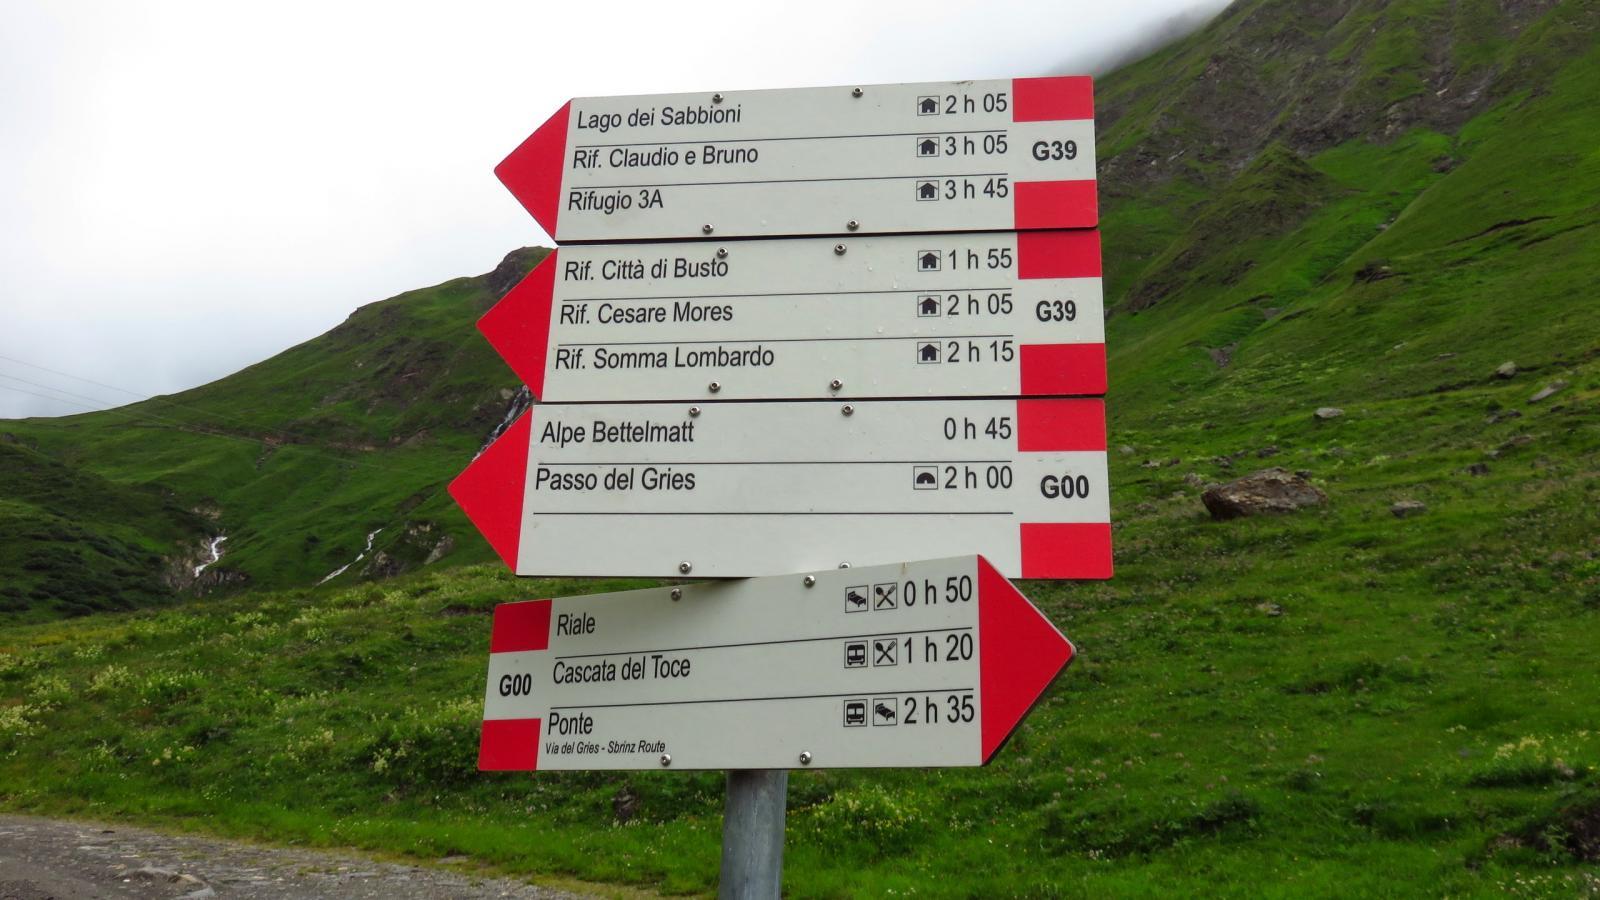 primo bivio con cartelli indicatori nei pressi della funivia di servizio del Lago del Sabbione